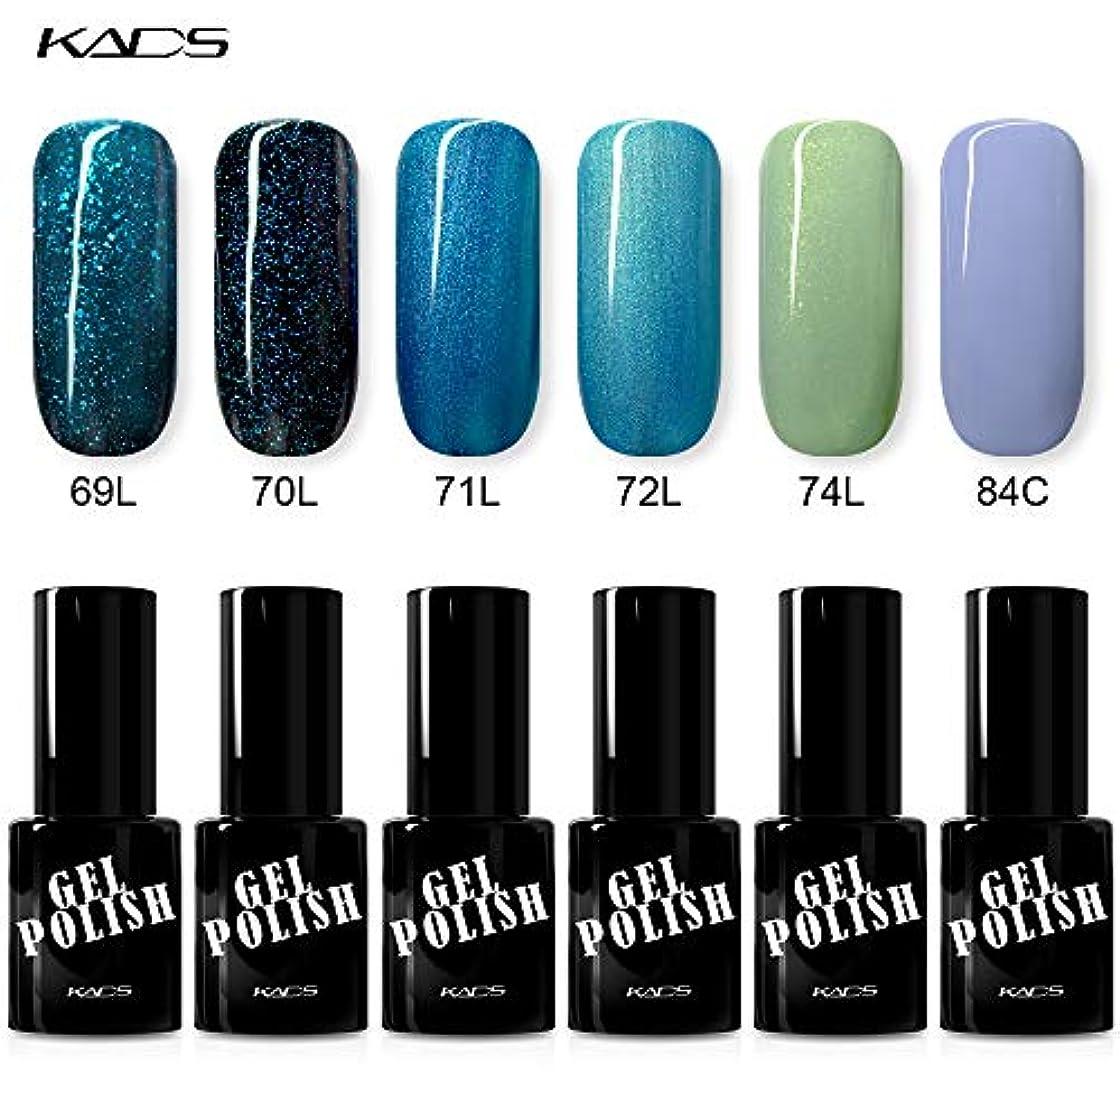 膨張するオークアイデアKADS ネイルカラーポリッシュ ラメ入りジェル 6色セット グリーン?ブルー系 キラキラ目 UV?LED対応